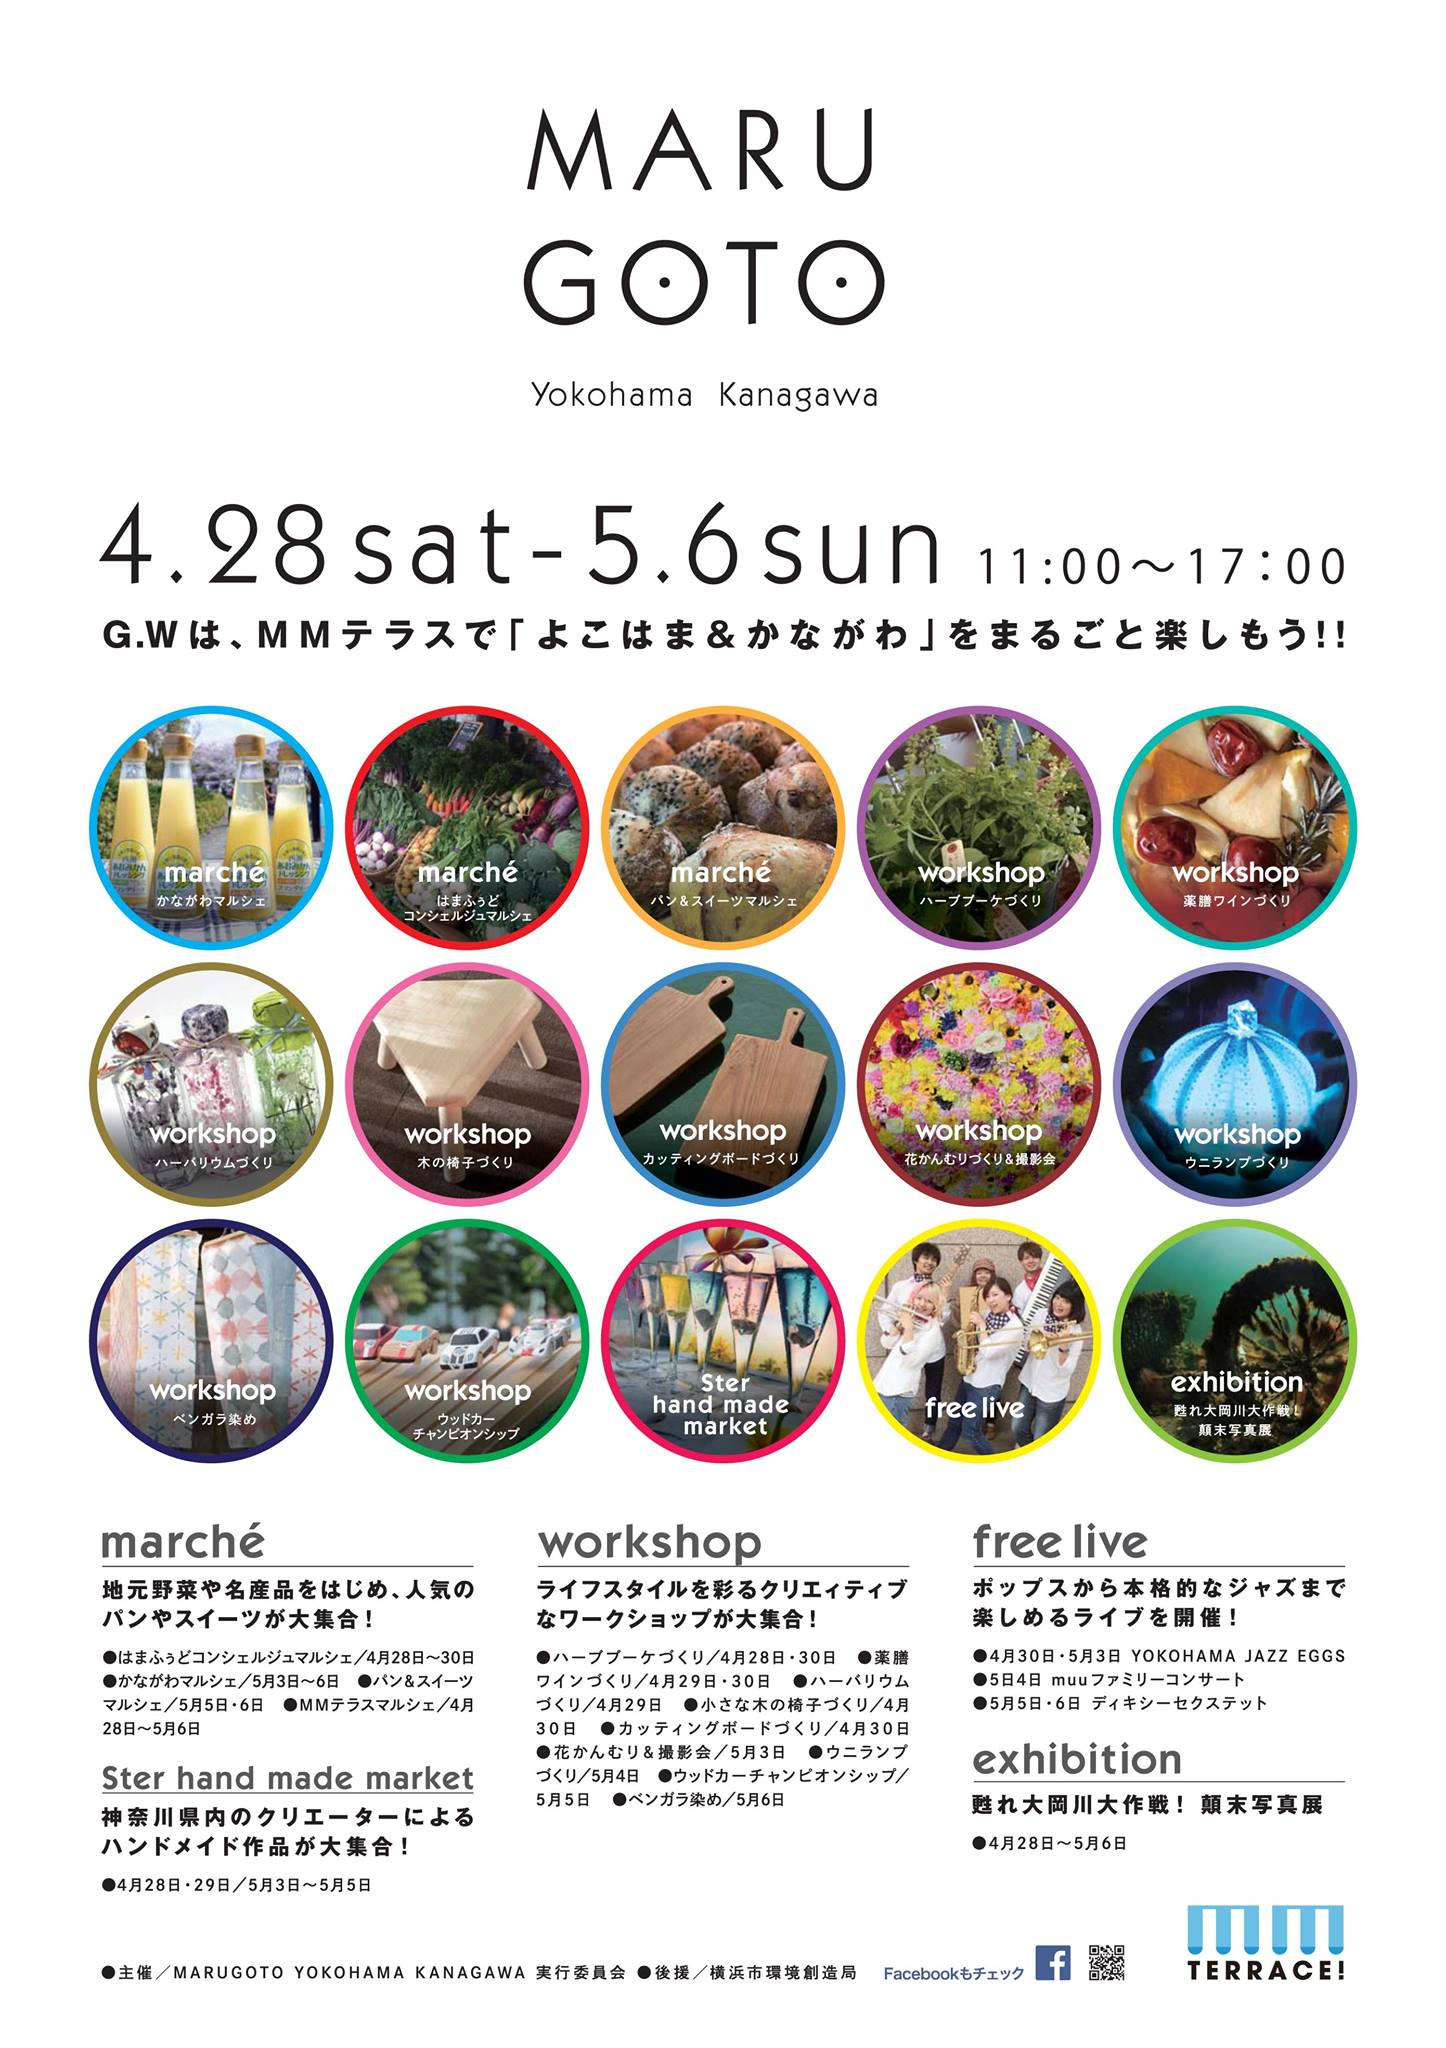 連休期間中のMMテラスは、Marugoto yokohama kanagawaを開催!